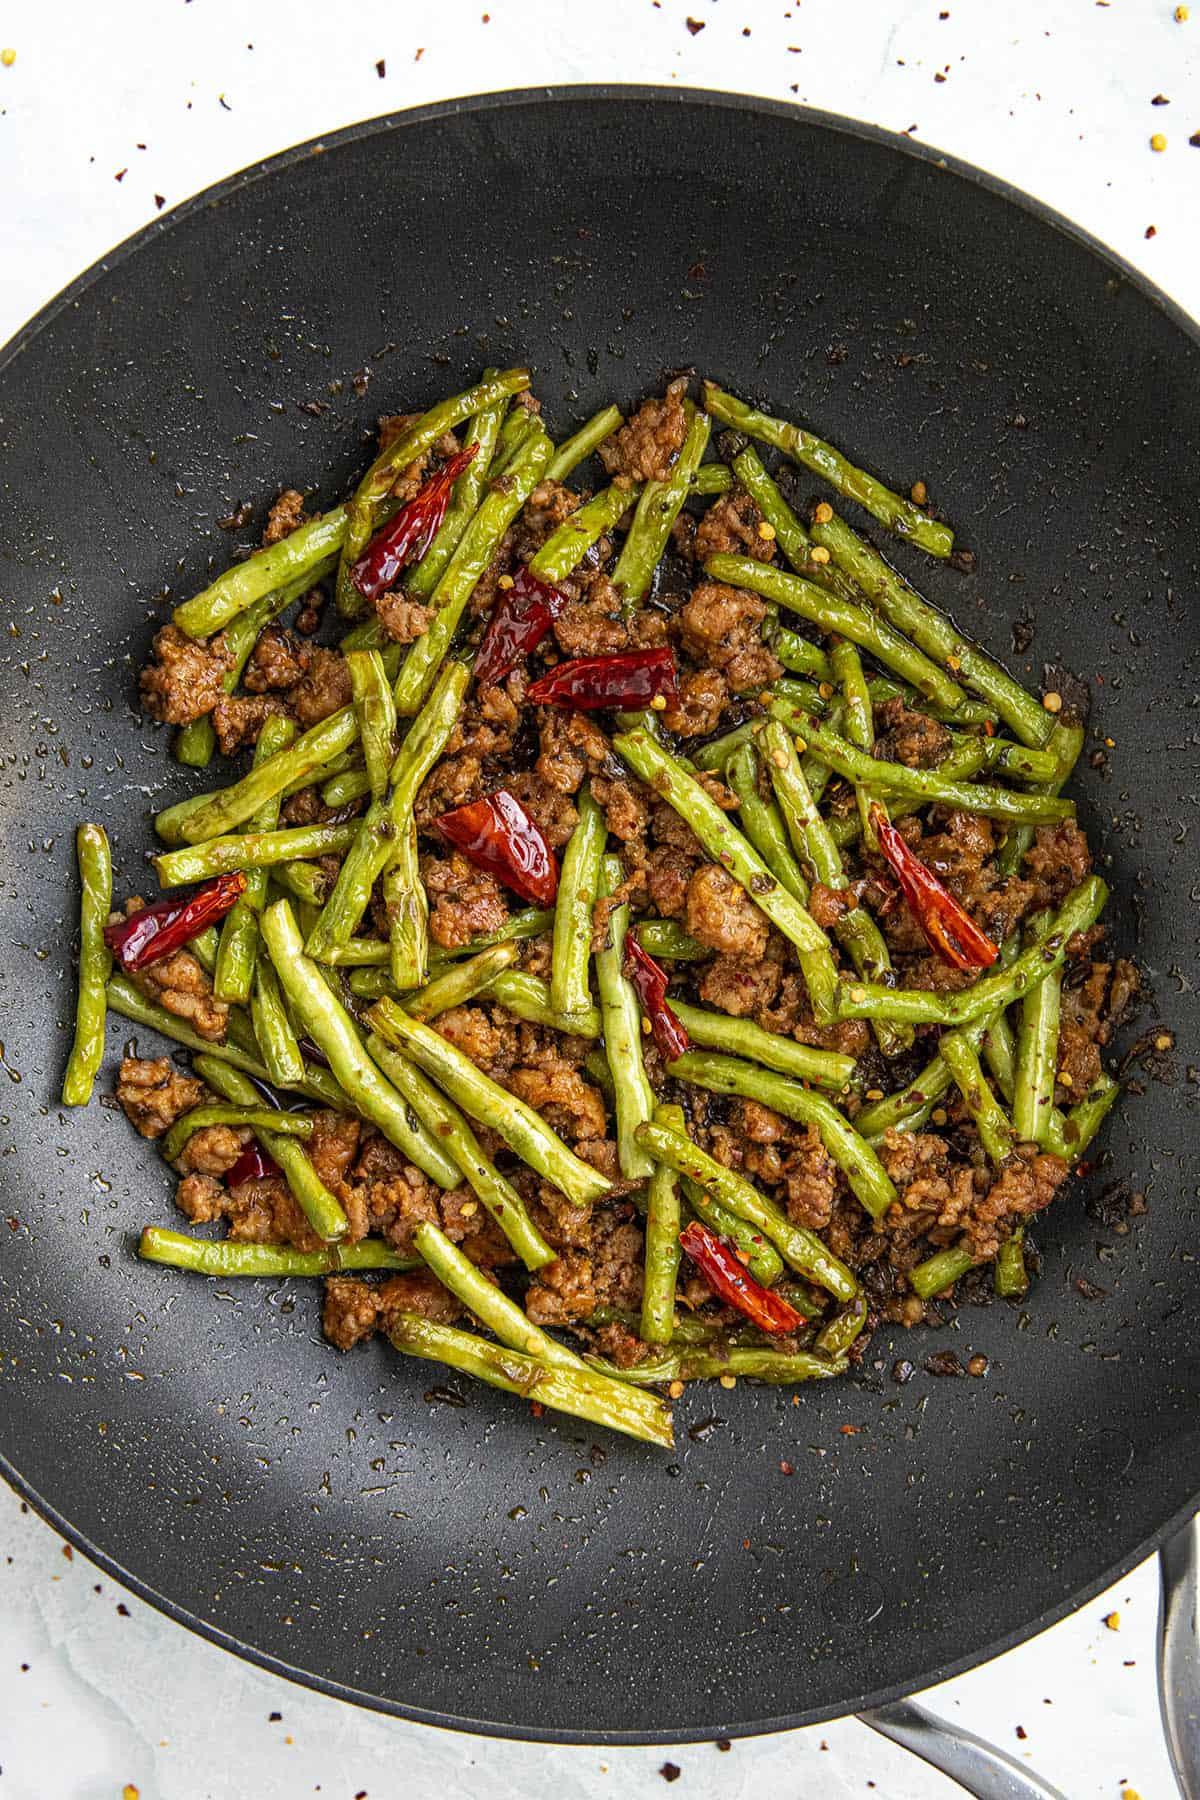 Szechuan Dry Fried Green Beans in a hot pan